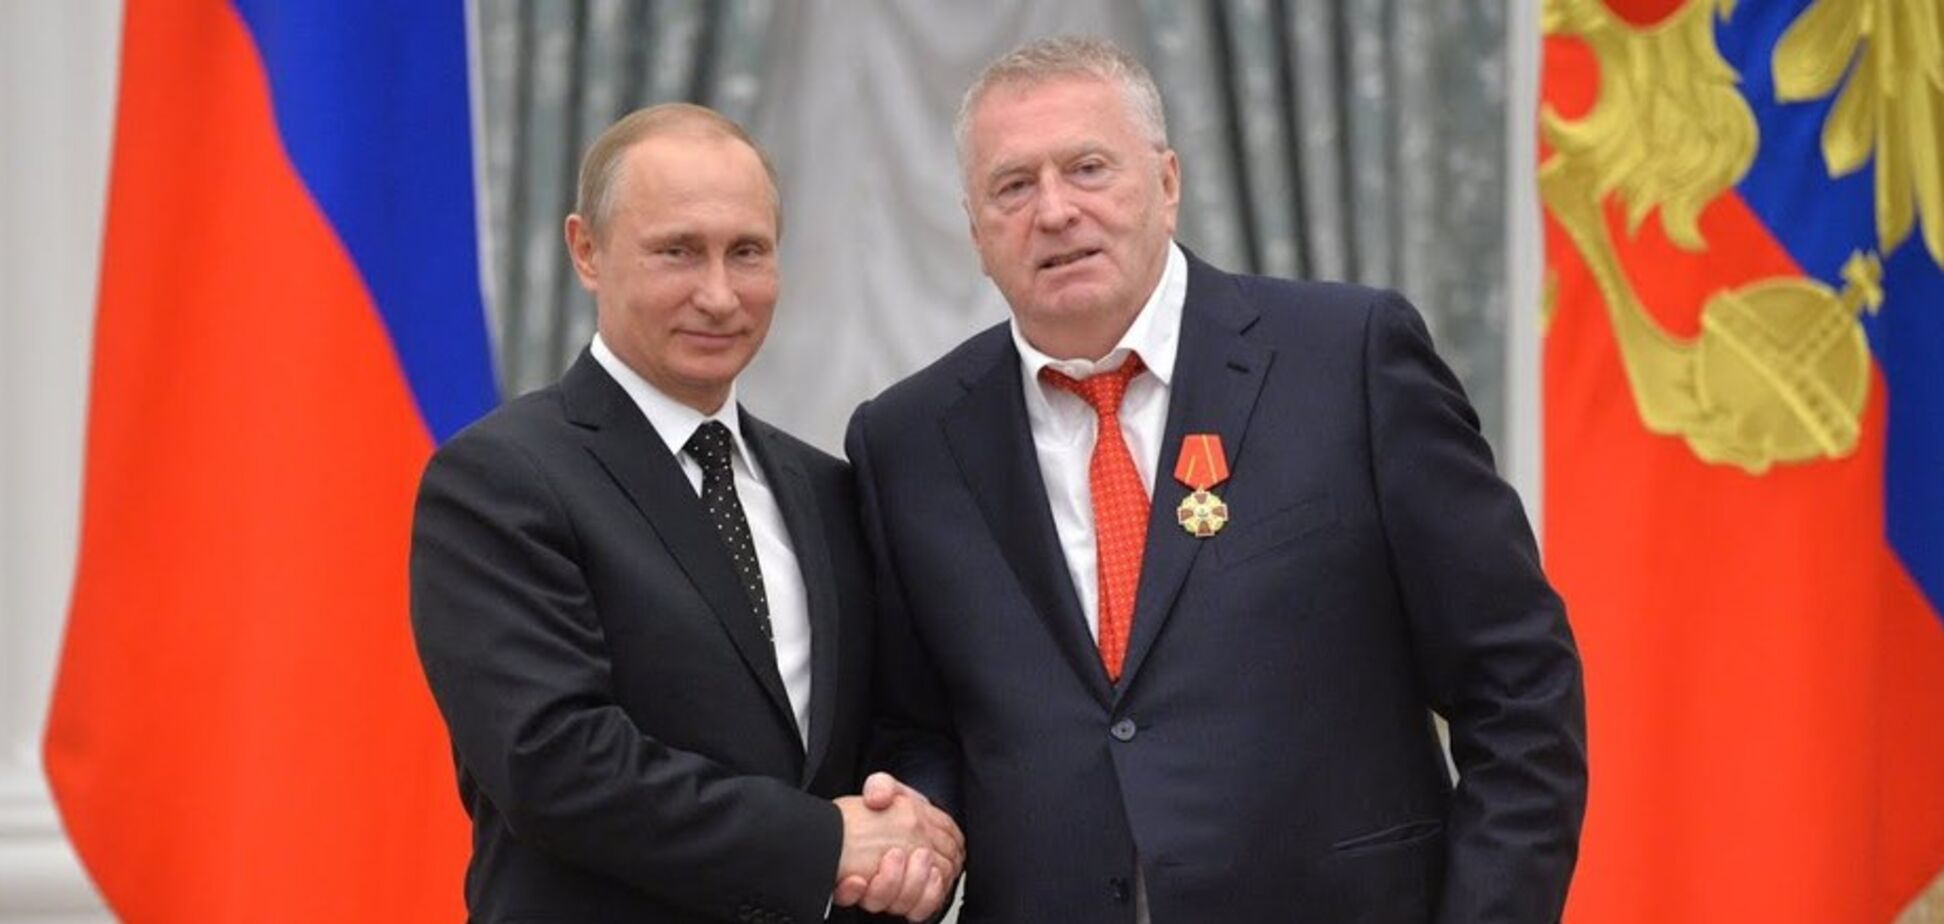 Люди Путіна і Жириновського готували втручання у вибори в Україні